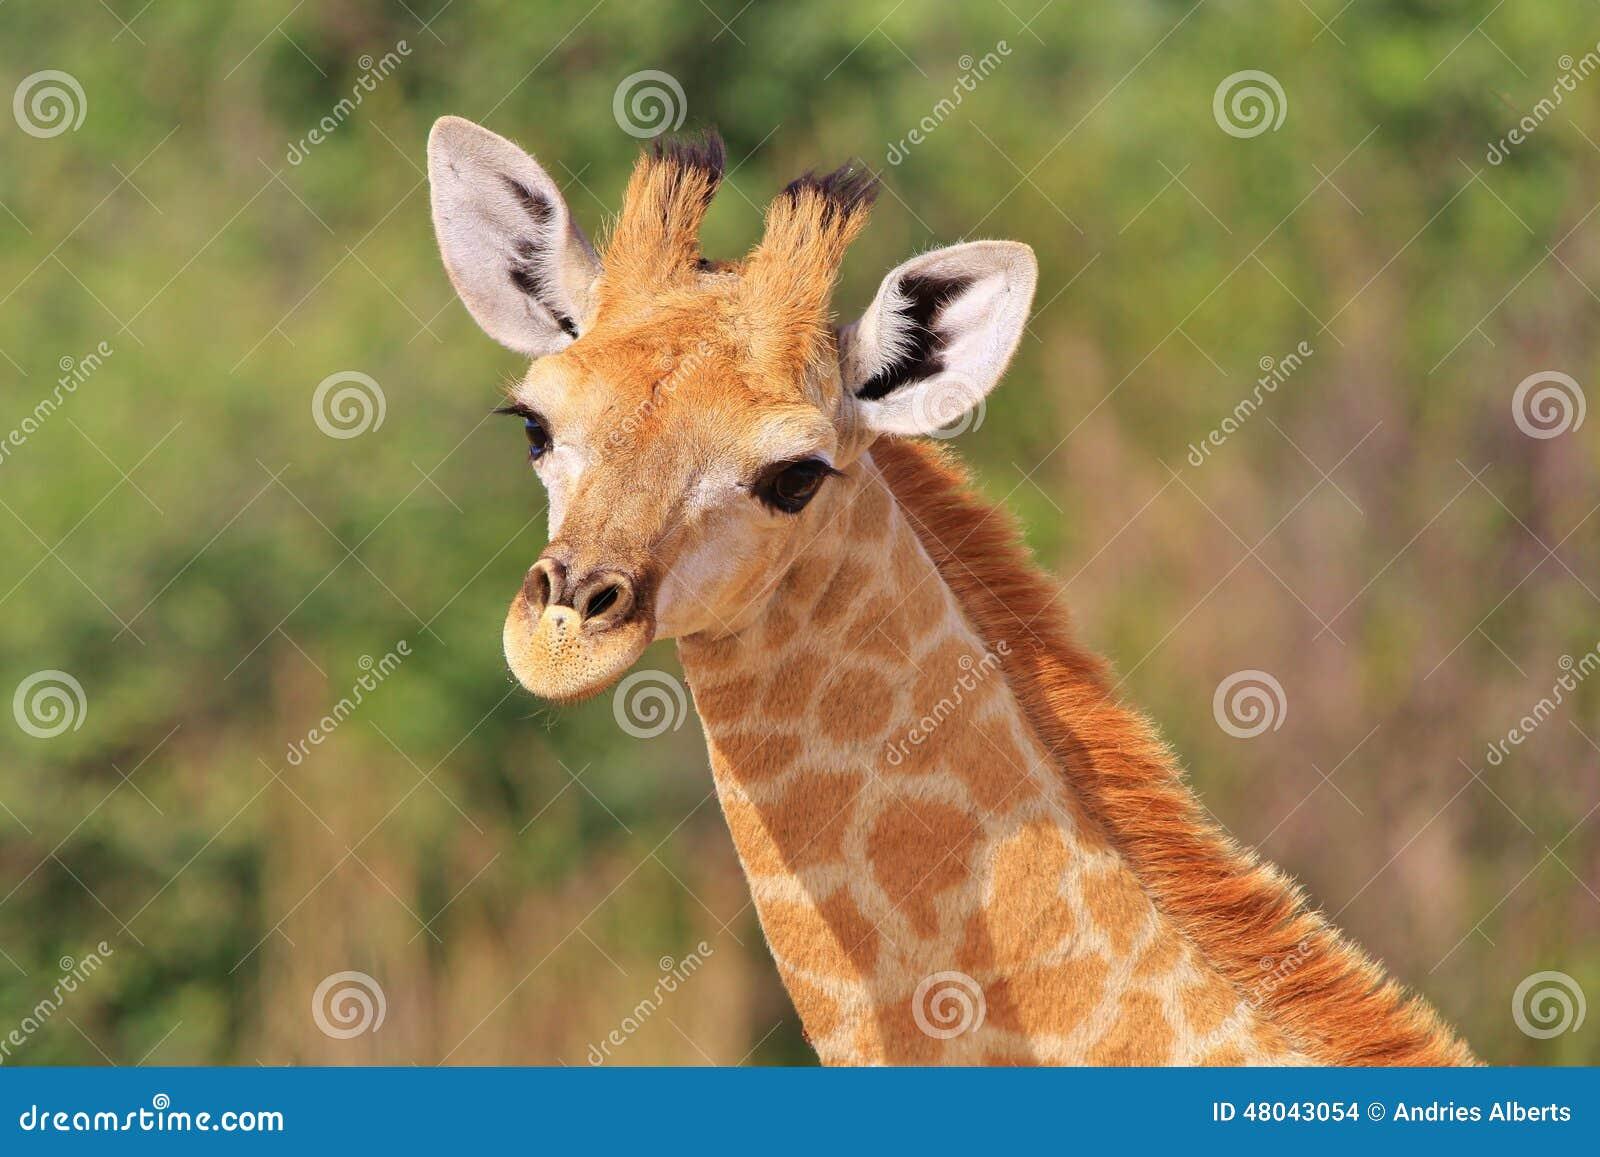 Giraffe African Wildlife Background Baby Animals Are